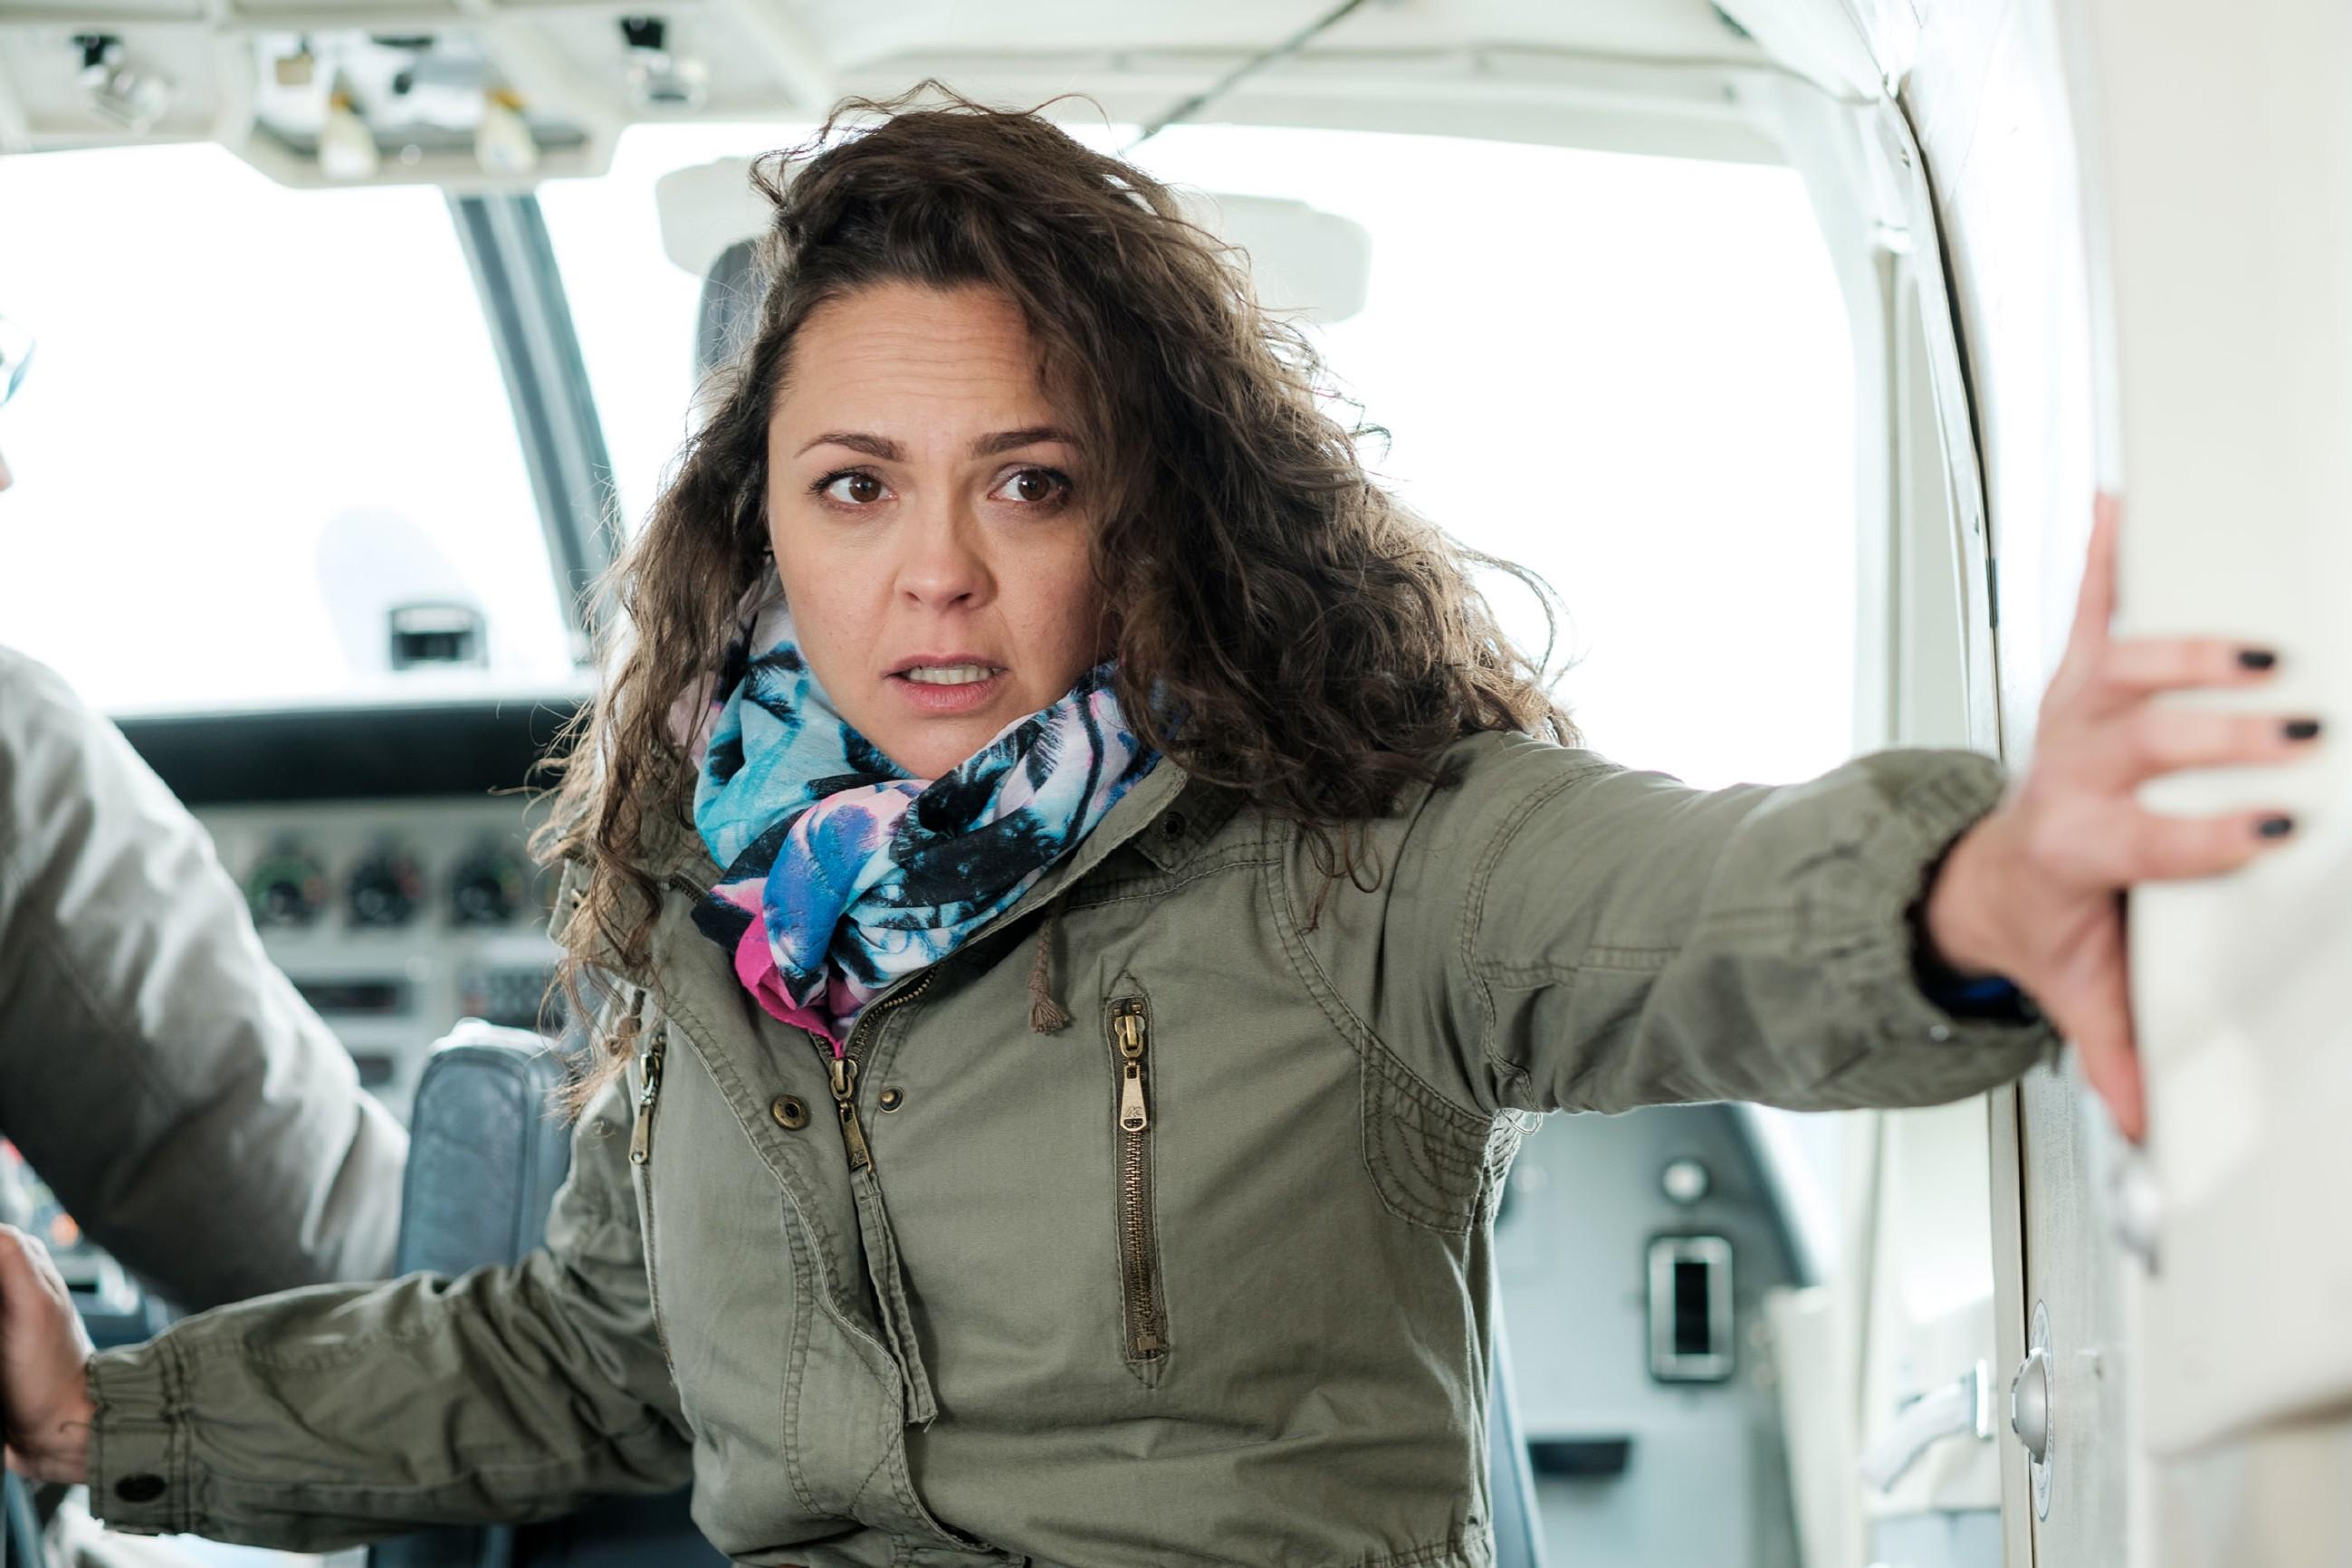 Caro (Ines Kurenbach) wird panisch klar, dass sie in Lebensgefahr schwebt... (Quelle: MG RTL D / Stefan Behrens)